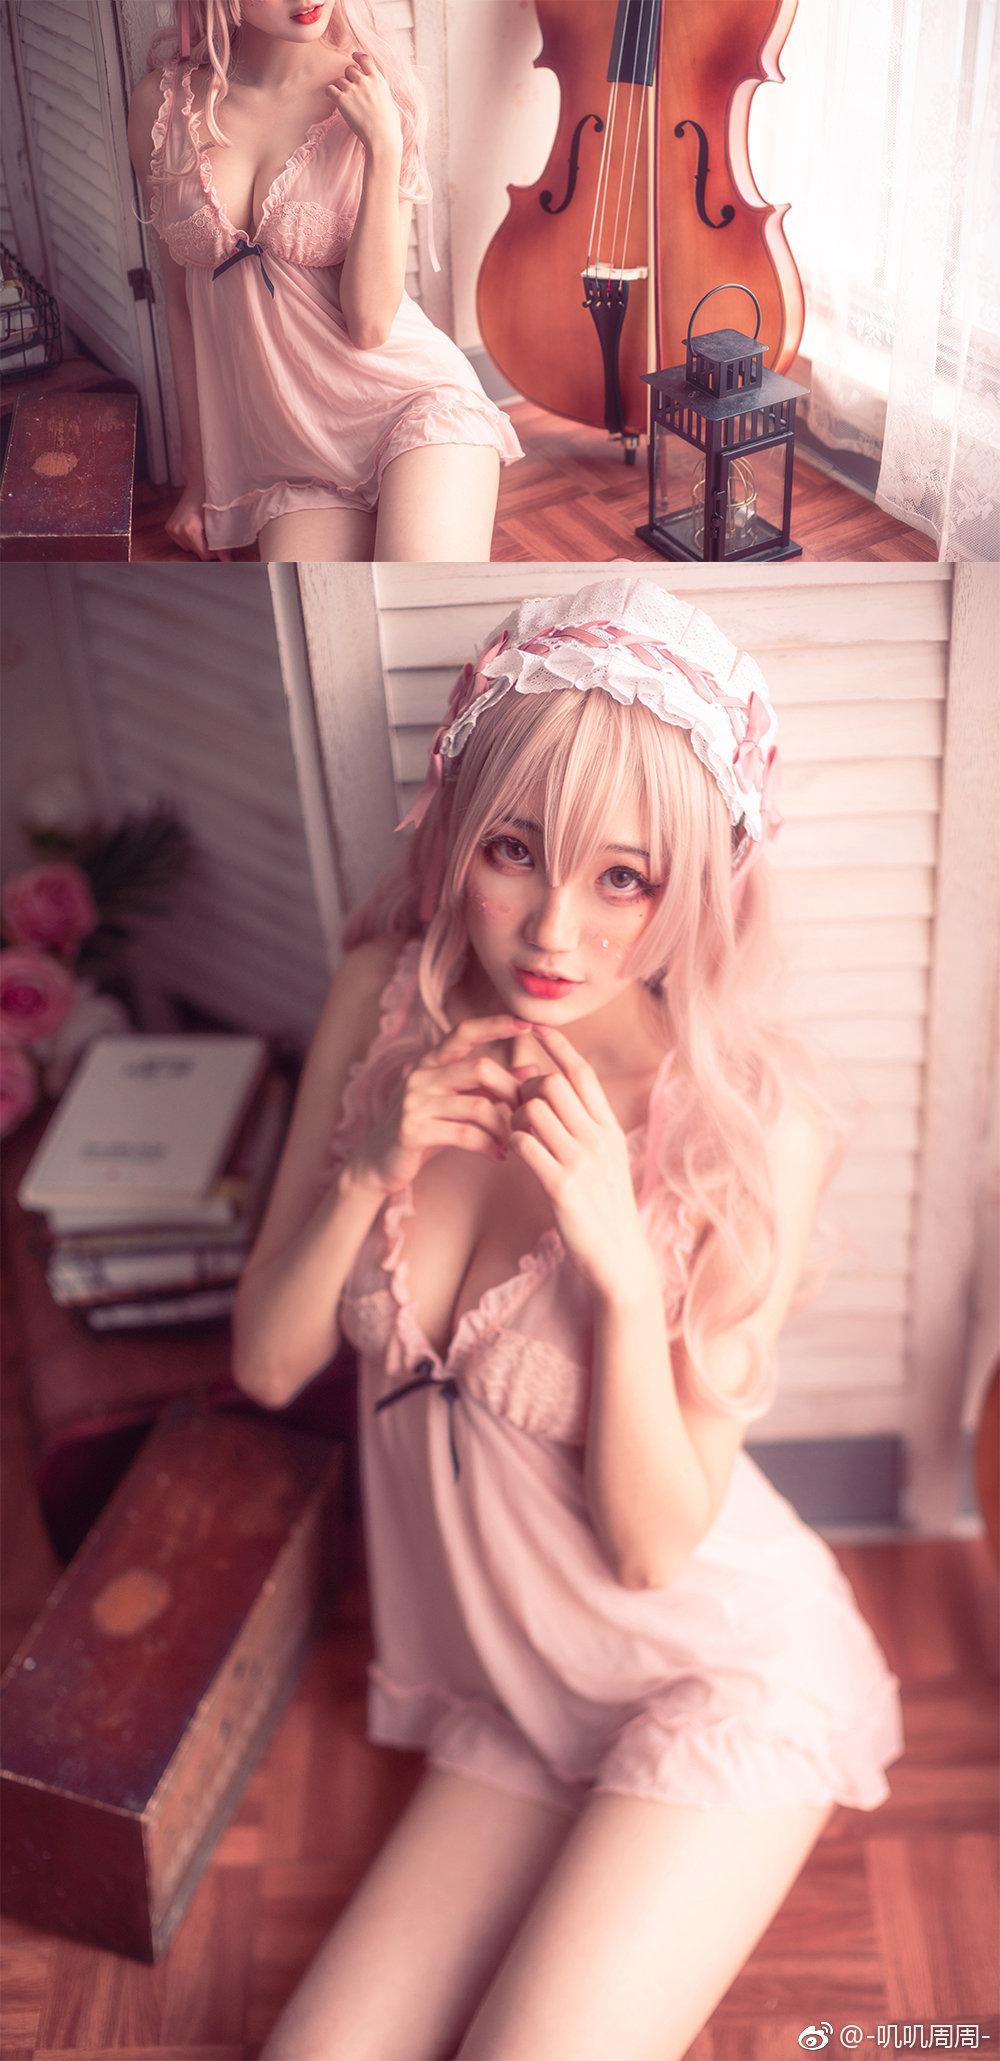 少女私房写真,这么粉嫩,是心动的感觉(9P)